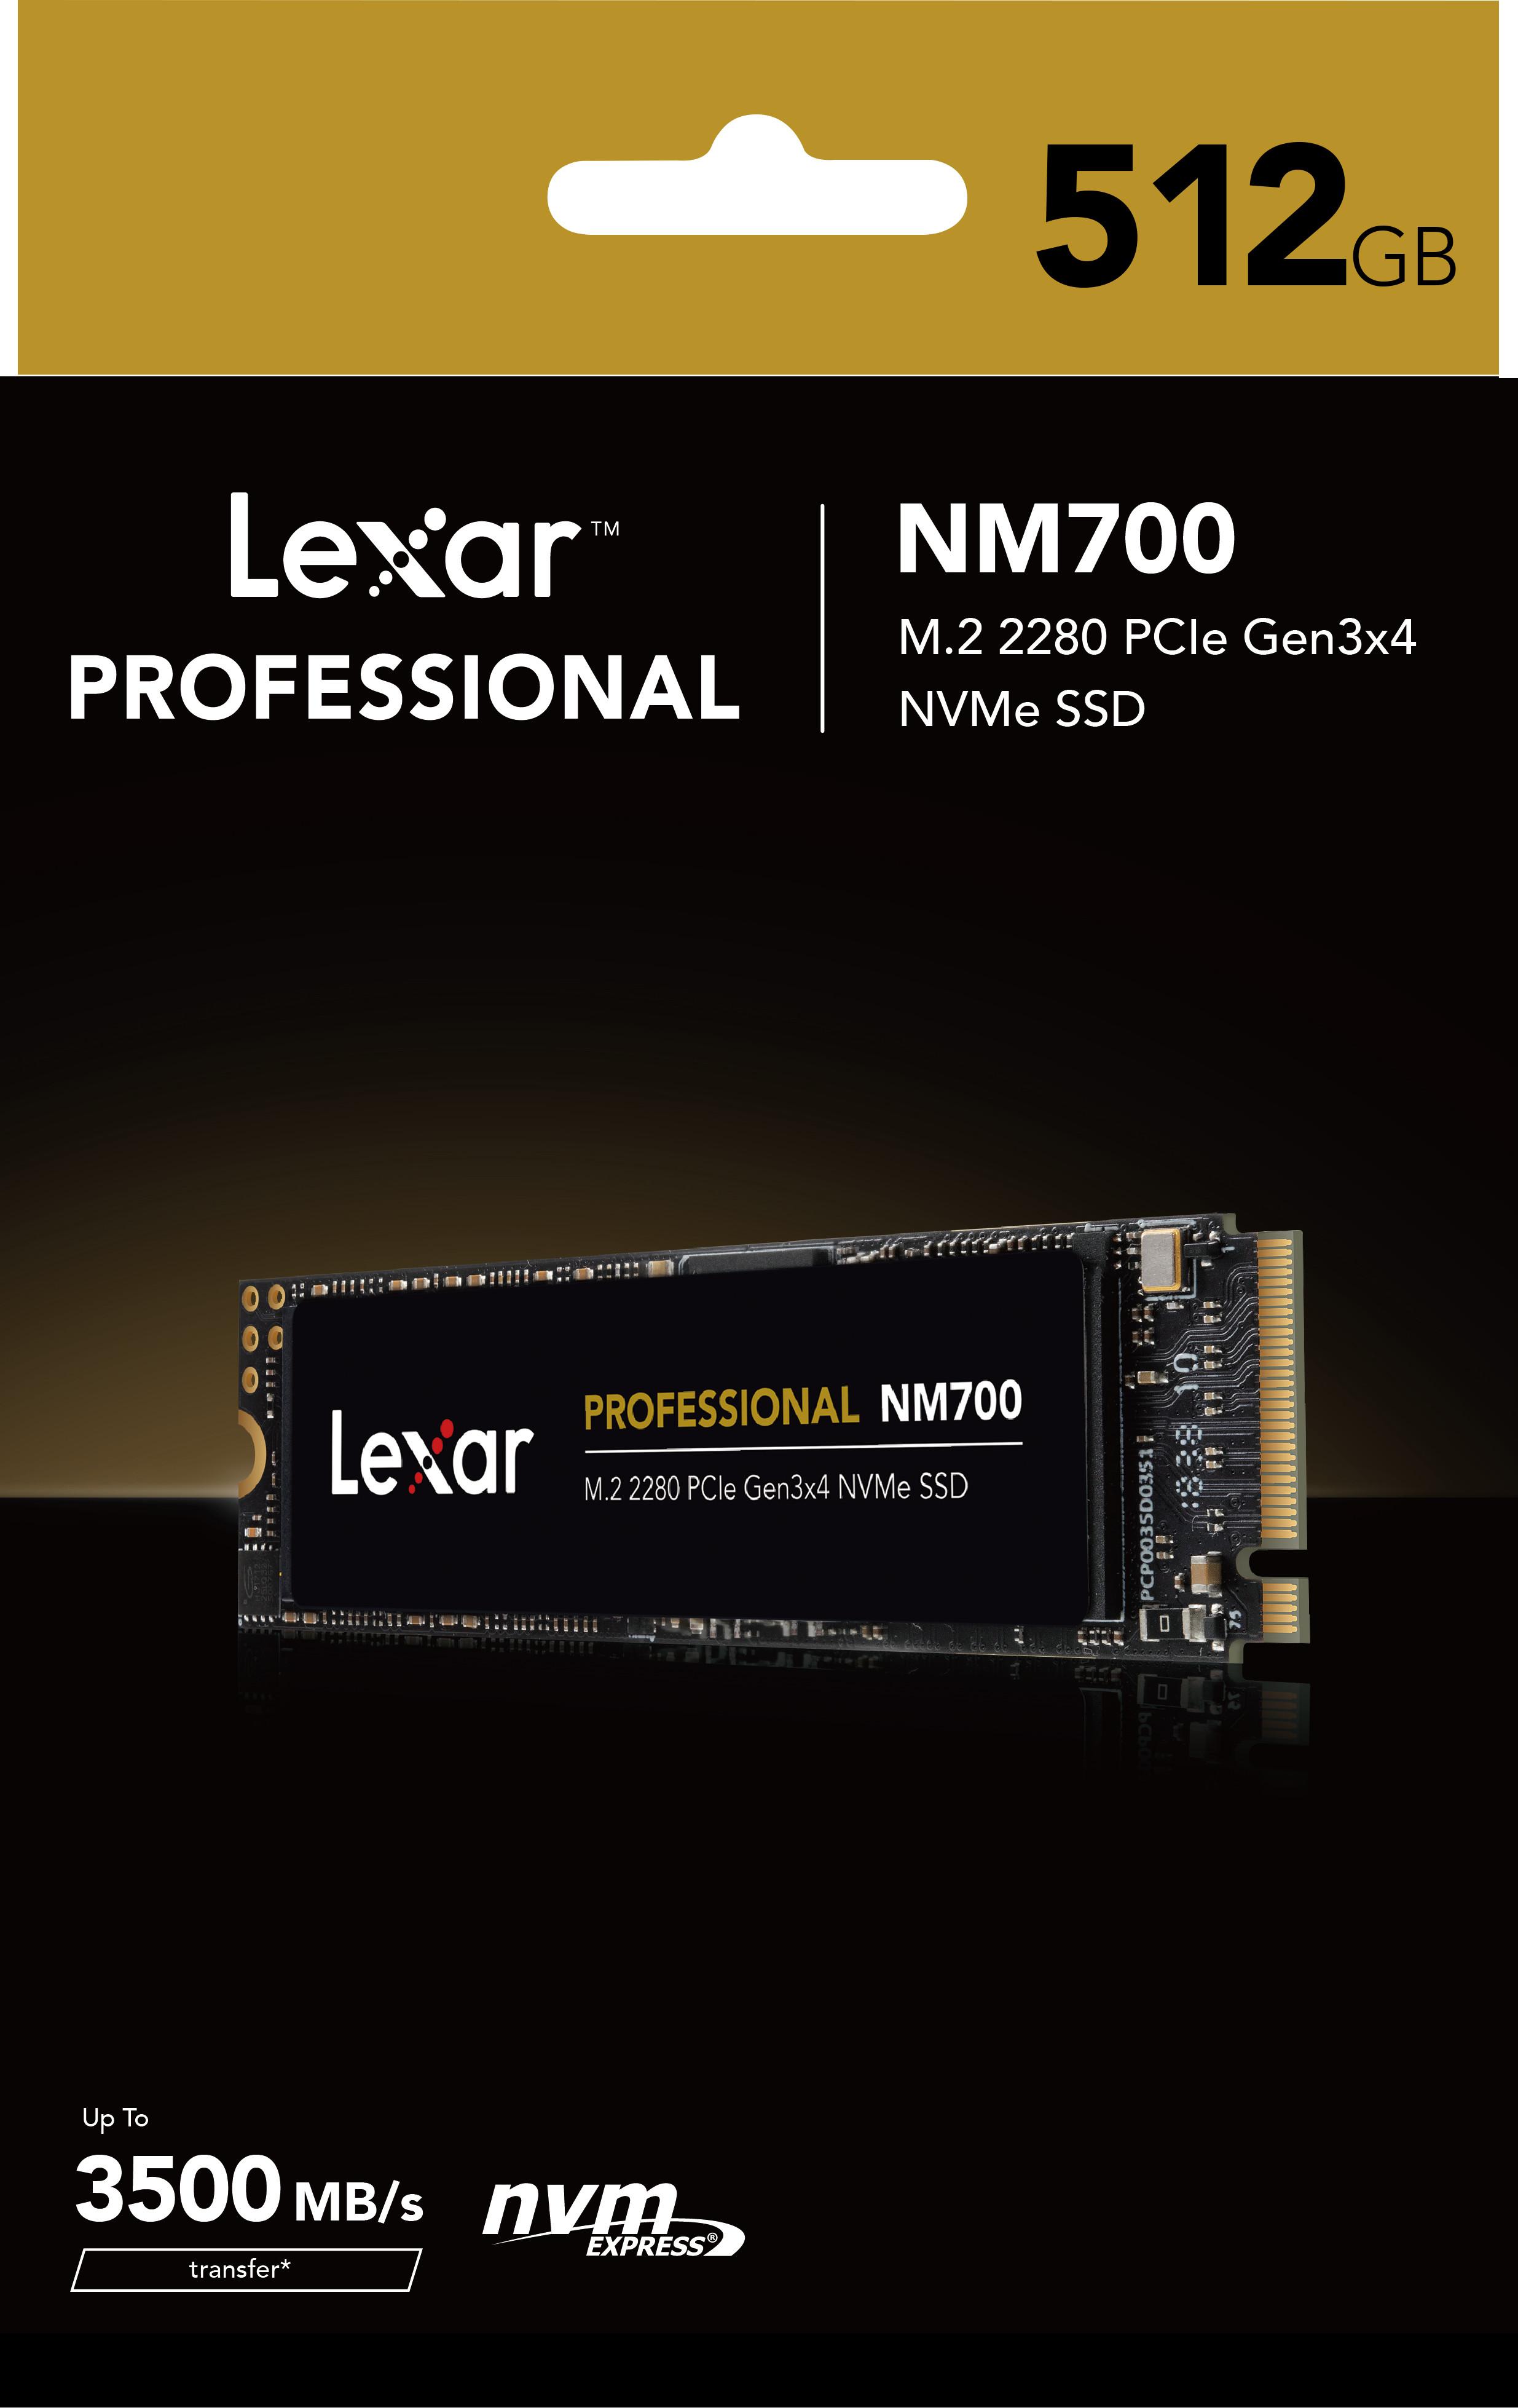 Ổ cứng SSD Lexar Professional NM700 512GB PCIe Gen3x4 M.2 2280 NVMe 3500MB/s - Hàng Chính Hãng